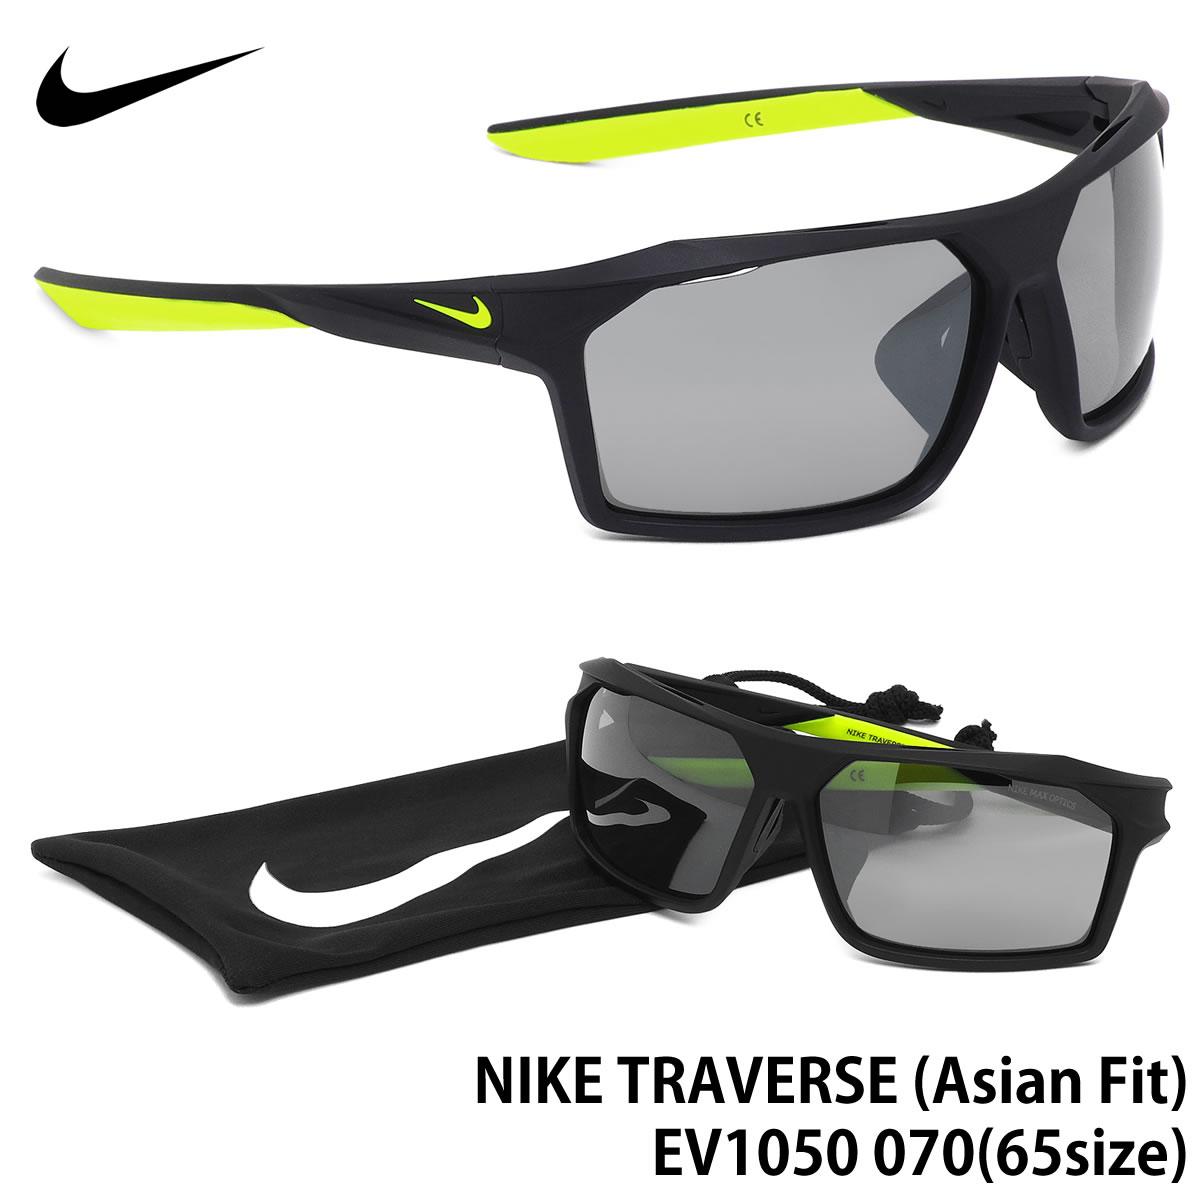 ナイキ NIKE サングラス EV1050 070 65サイズ TRAVERSE AF トラヴァース アジアンフィット Asian Fit アジアフィット ミラー ナイキ NIKE メンズ レディース